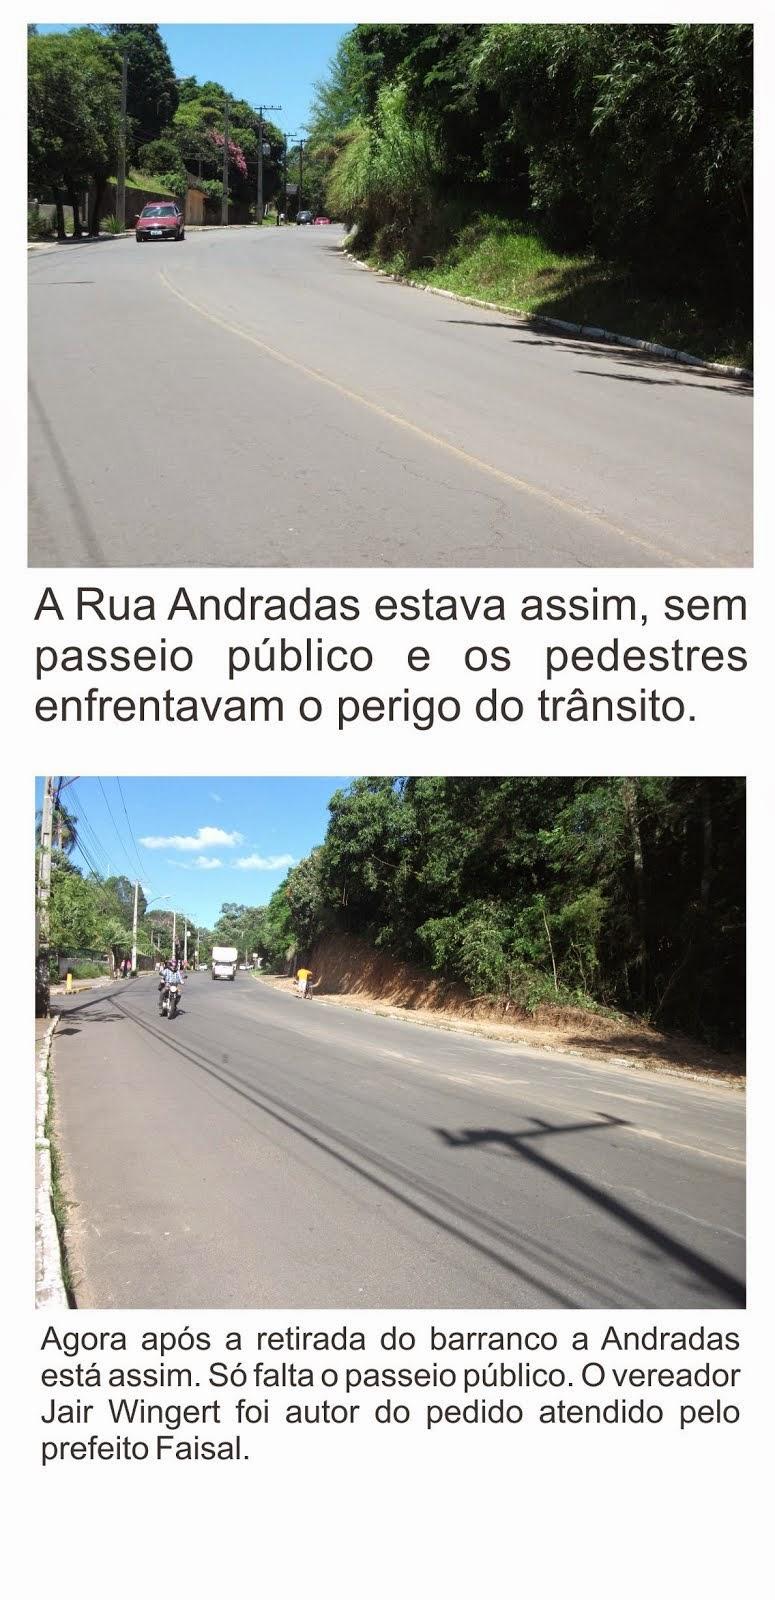 BARRANCO DA ANDRADAS É REMOVIDO